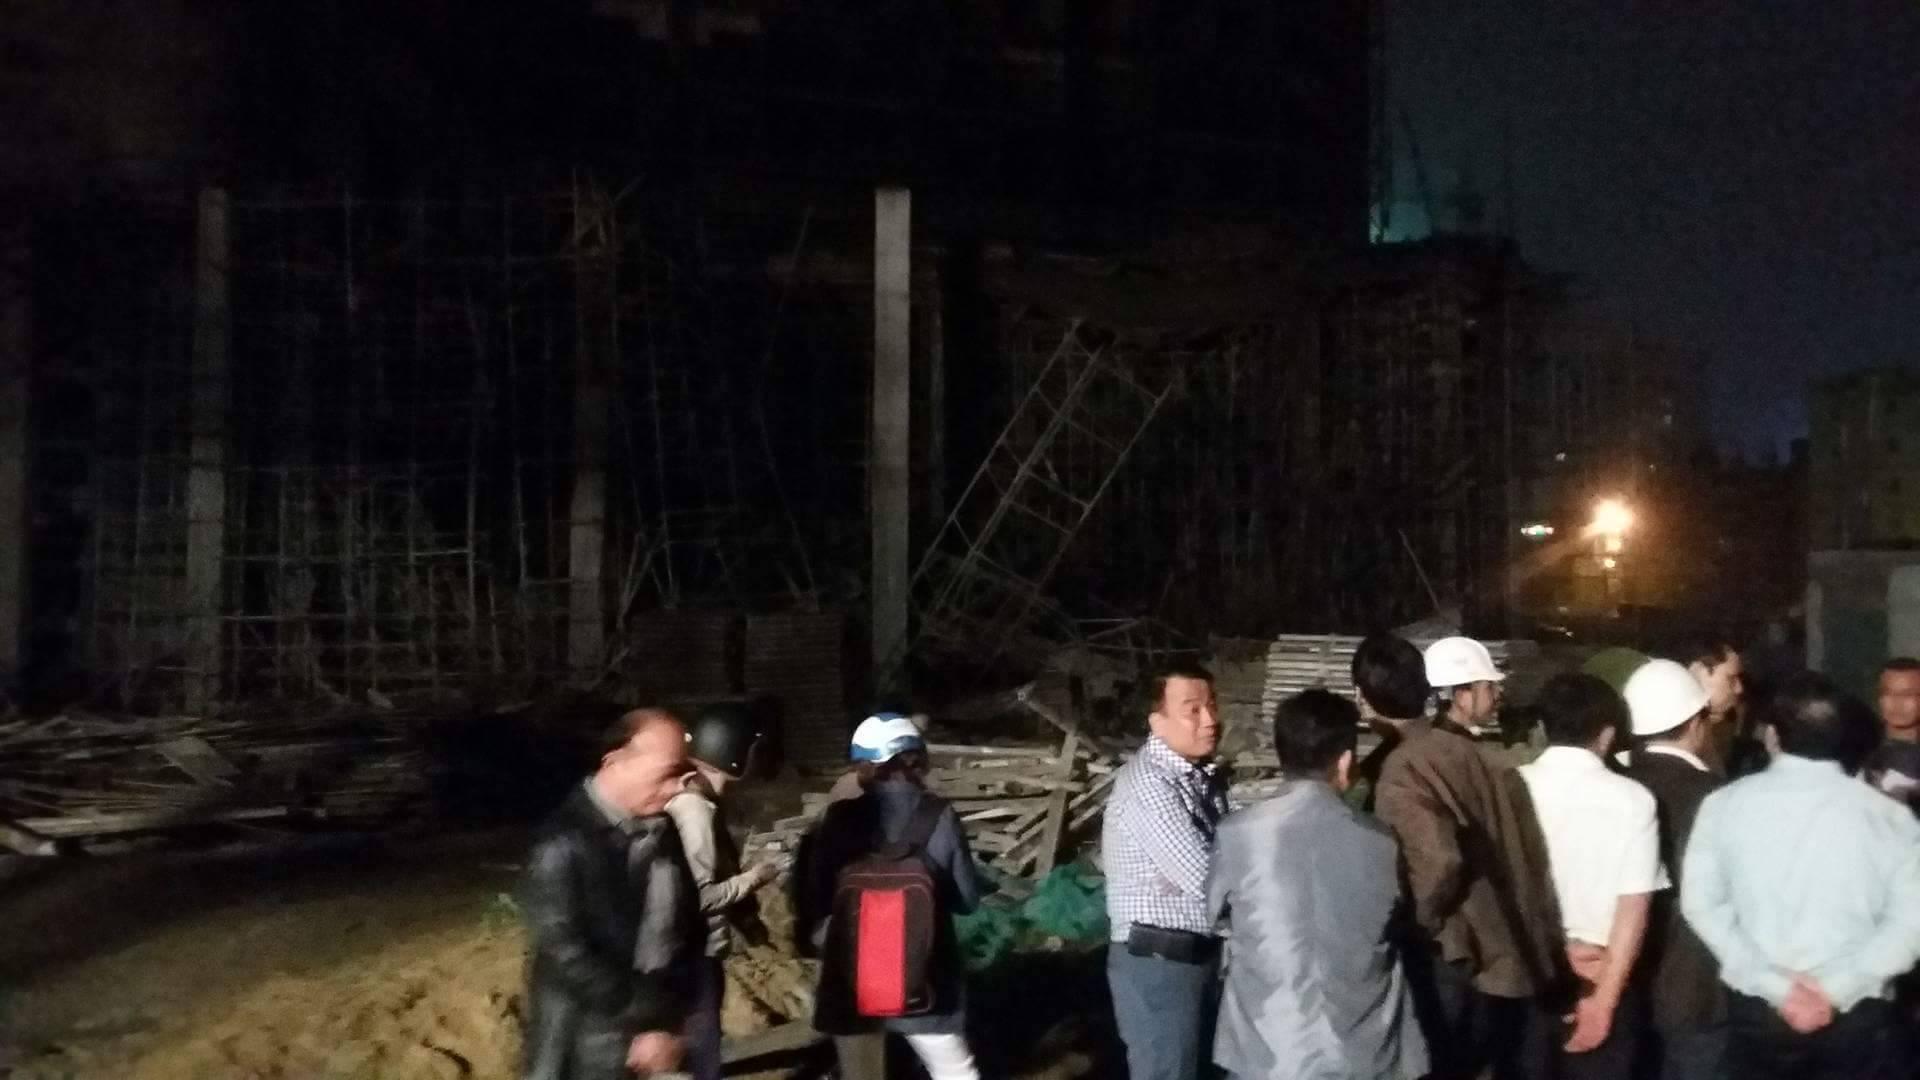 Sập nhà ở Đà Nẵng, nhiều người bị thương - ảnh 6